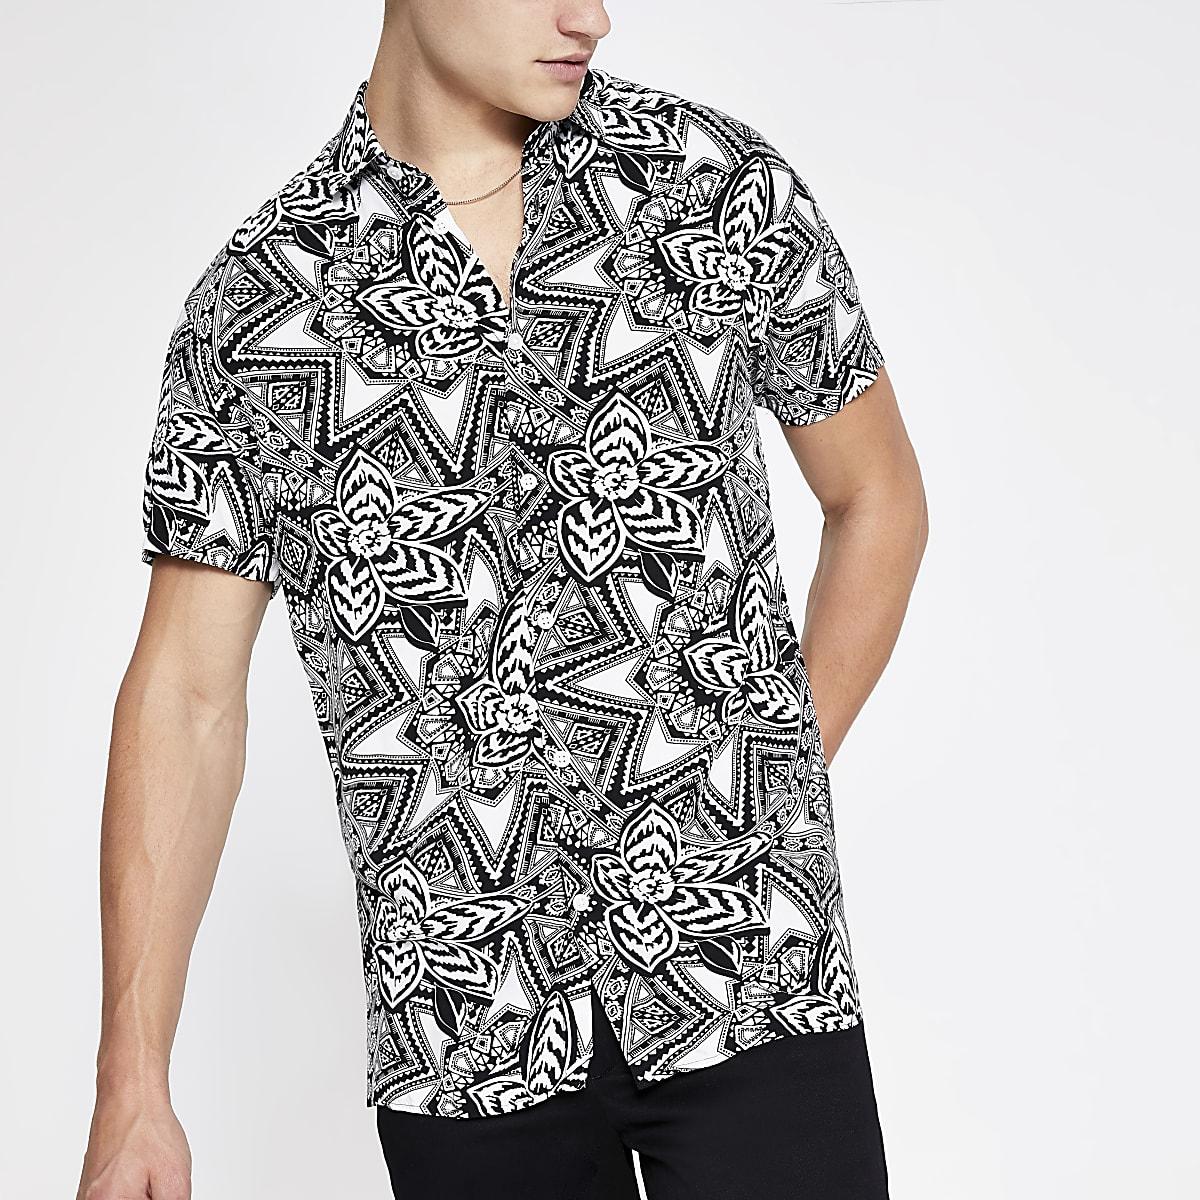 Selected Homme – Chemise manches courtes imprimée blanche